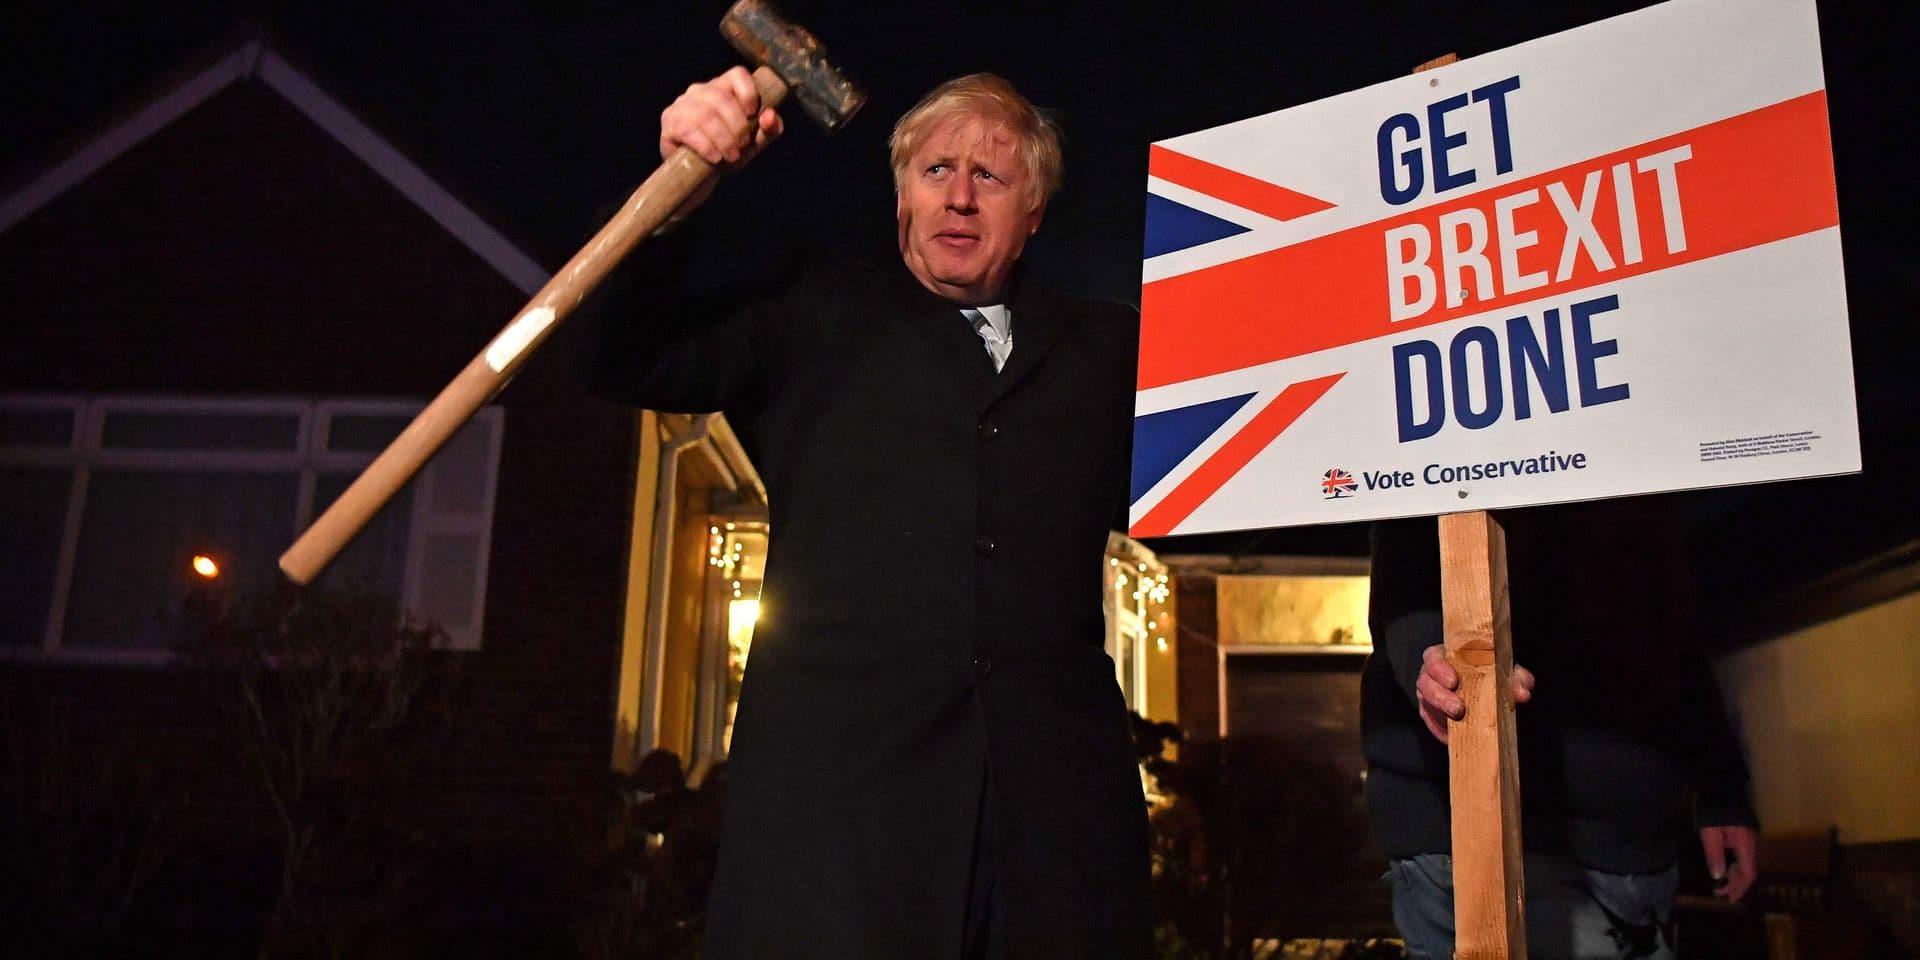 C'est à nouveau la semaine de la dernière chance entre l'Union et le Royaume-Uni